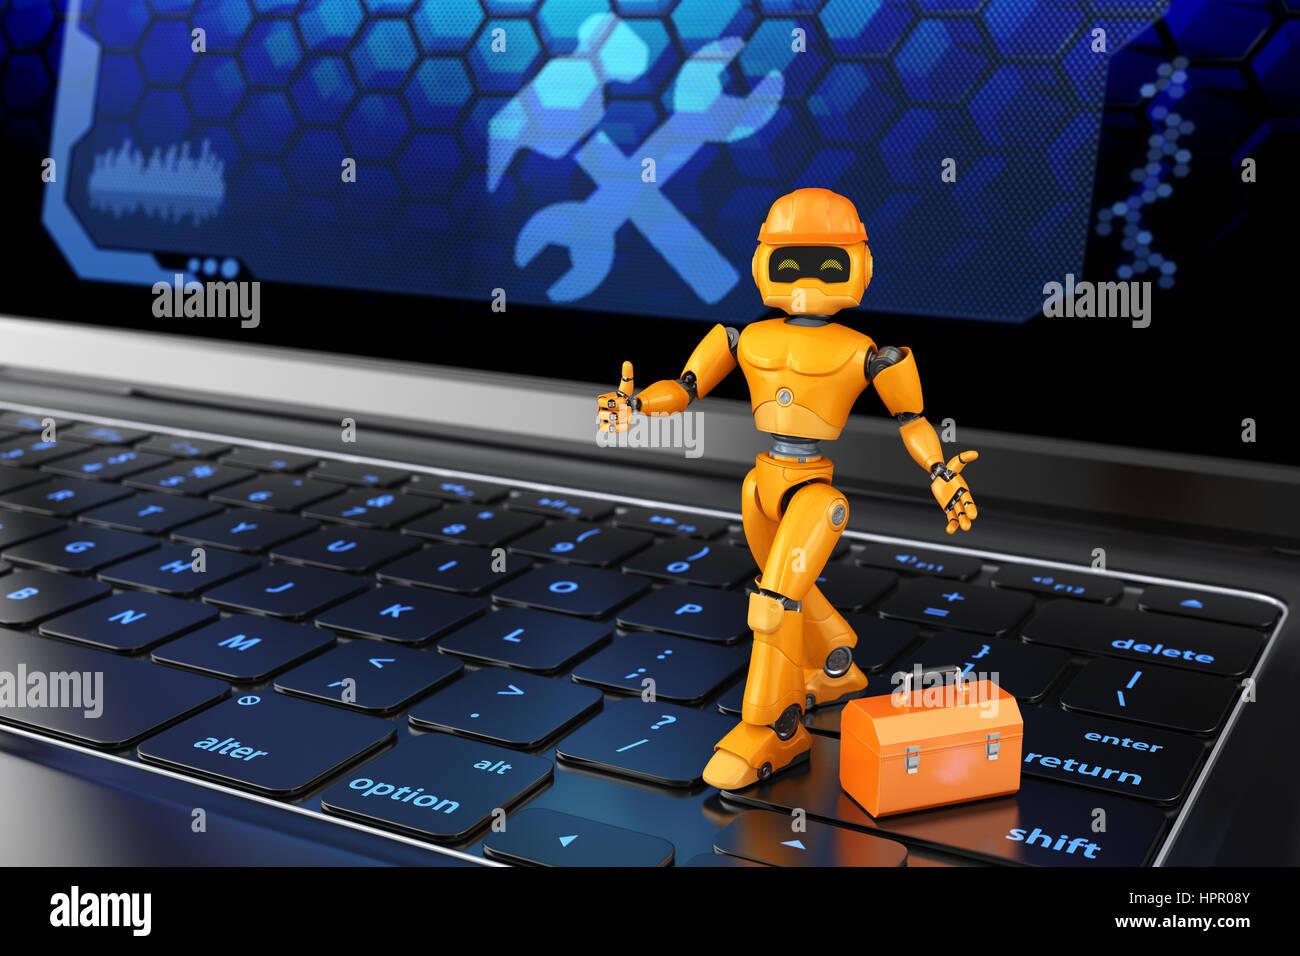 Kleine Roboter Mechaniker stehend auf Tastatur. 3D illustration Stockbild